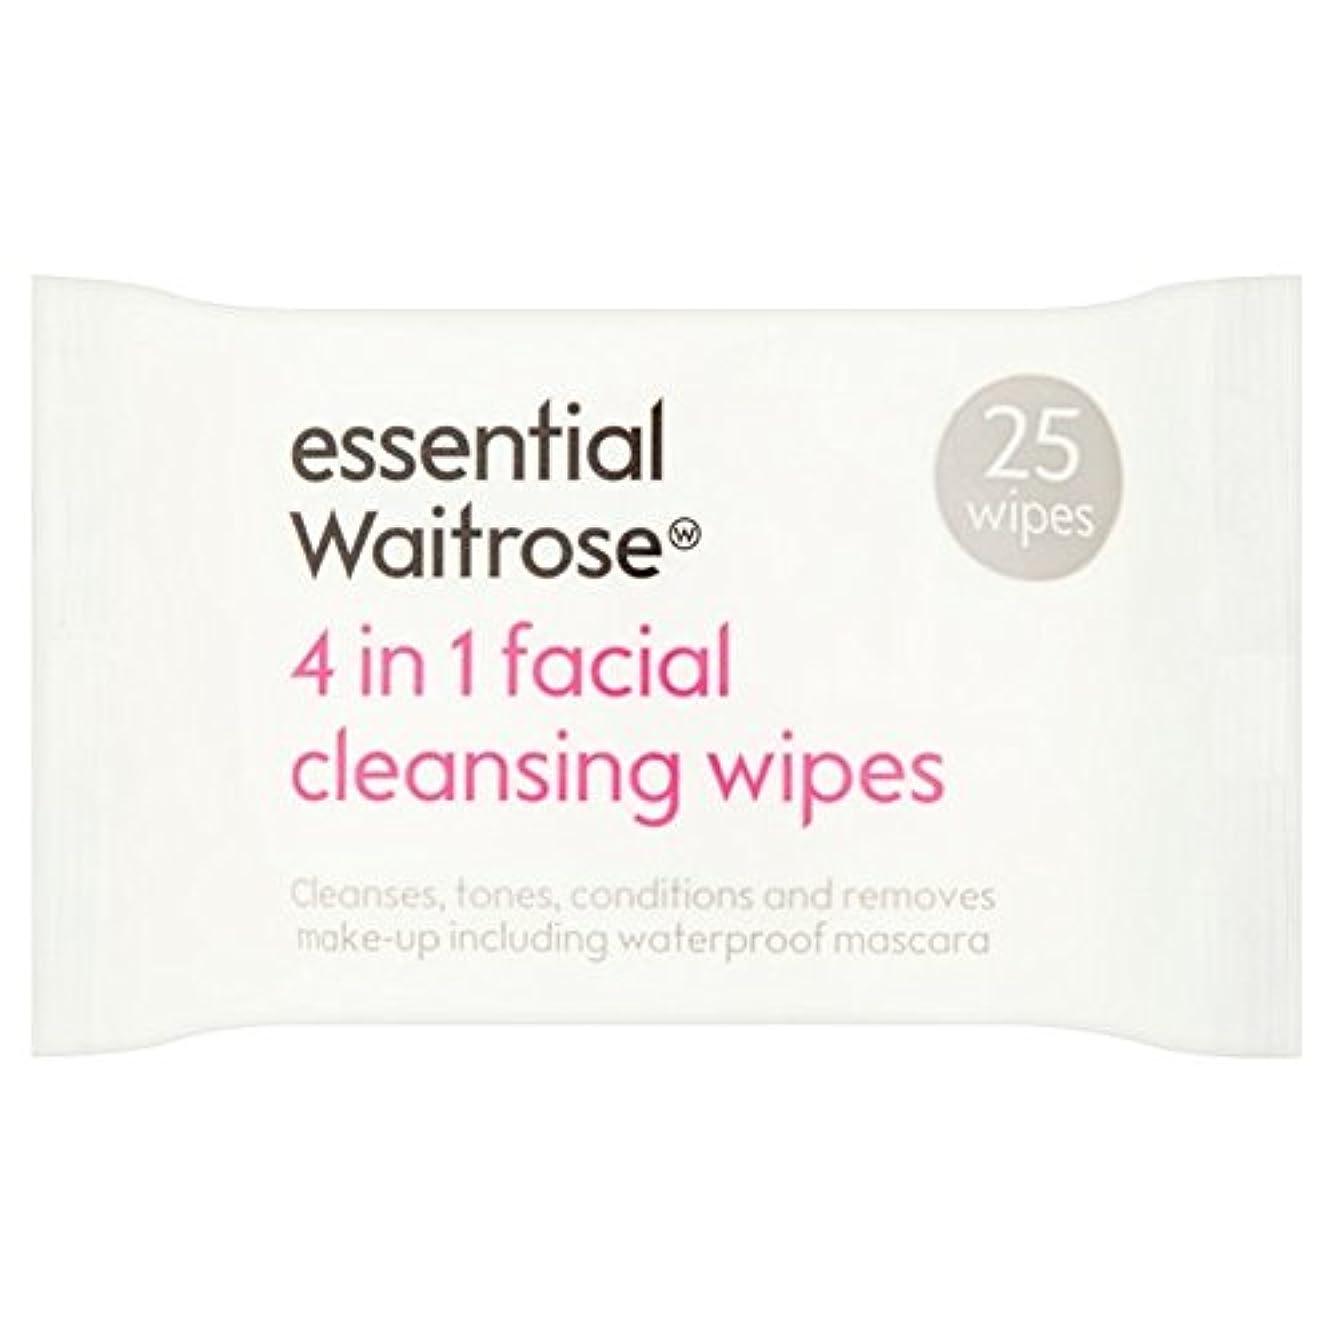 玉カプラー机3 1での顔のワイプパックあたり不可欠ウェイトローズ25 x4 - 3 in 1 Facial Wipes essential Waitrose 25 per pack (Pack of 4) [並行輸入品]